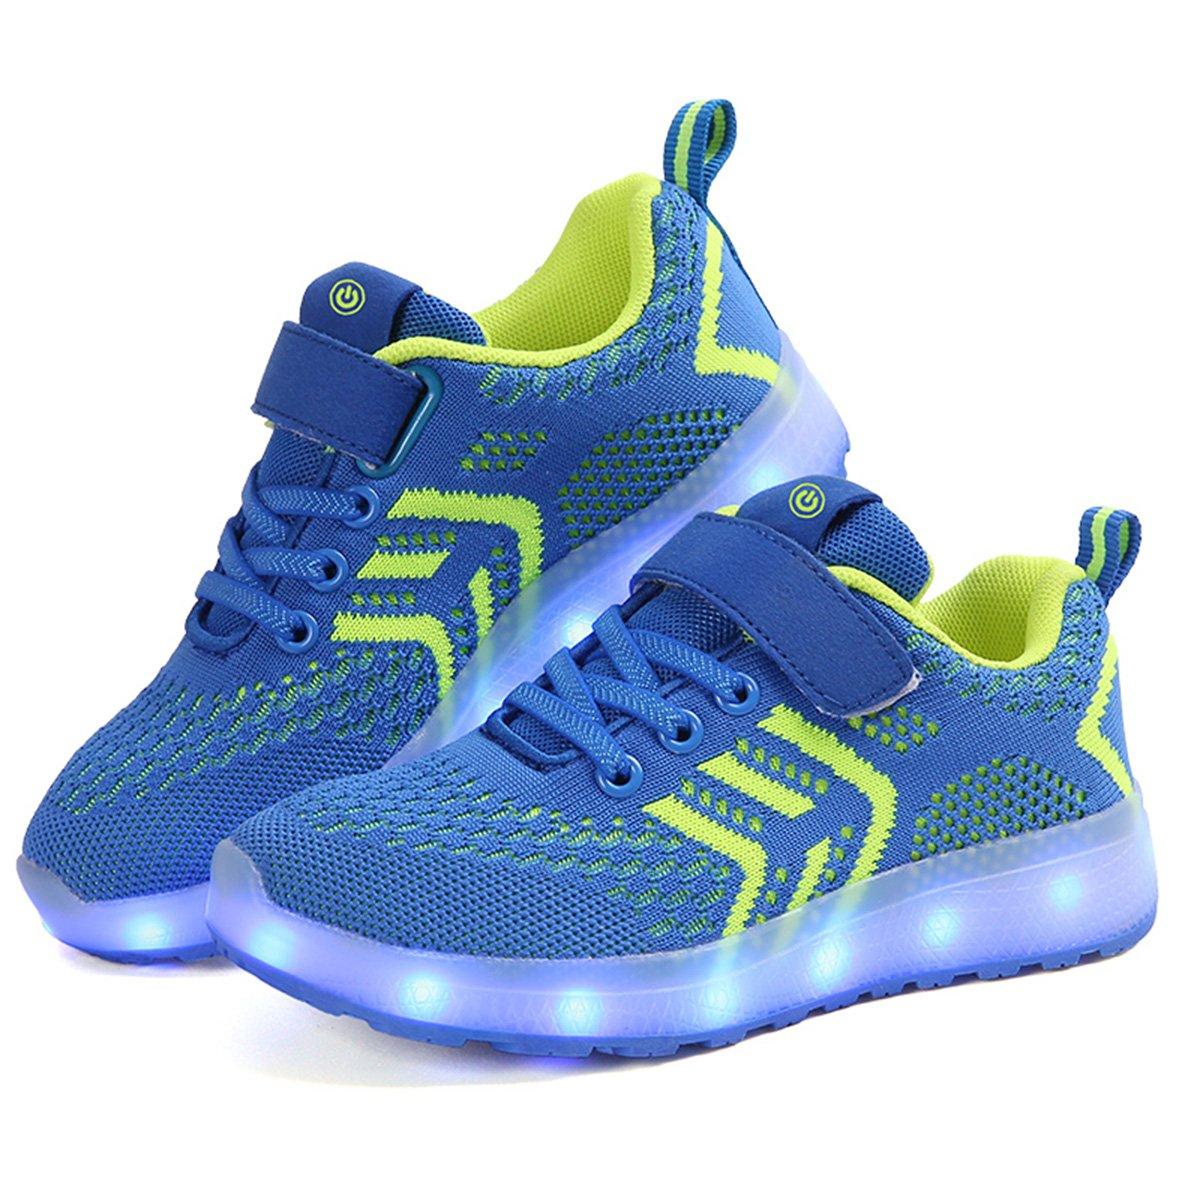 3002c1c18612e DoGeek Scarpe LED Bambini Bambina 7 Colore USB Carica Sneakers di Luci  Scarpe Unisex Bambino Scarpe con Luci nella Suola Bright Tennis Shoes  Design 2018  ...